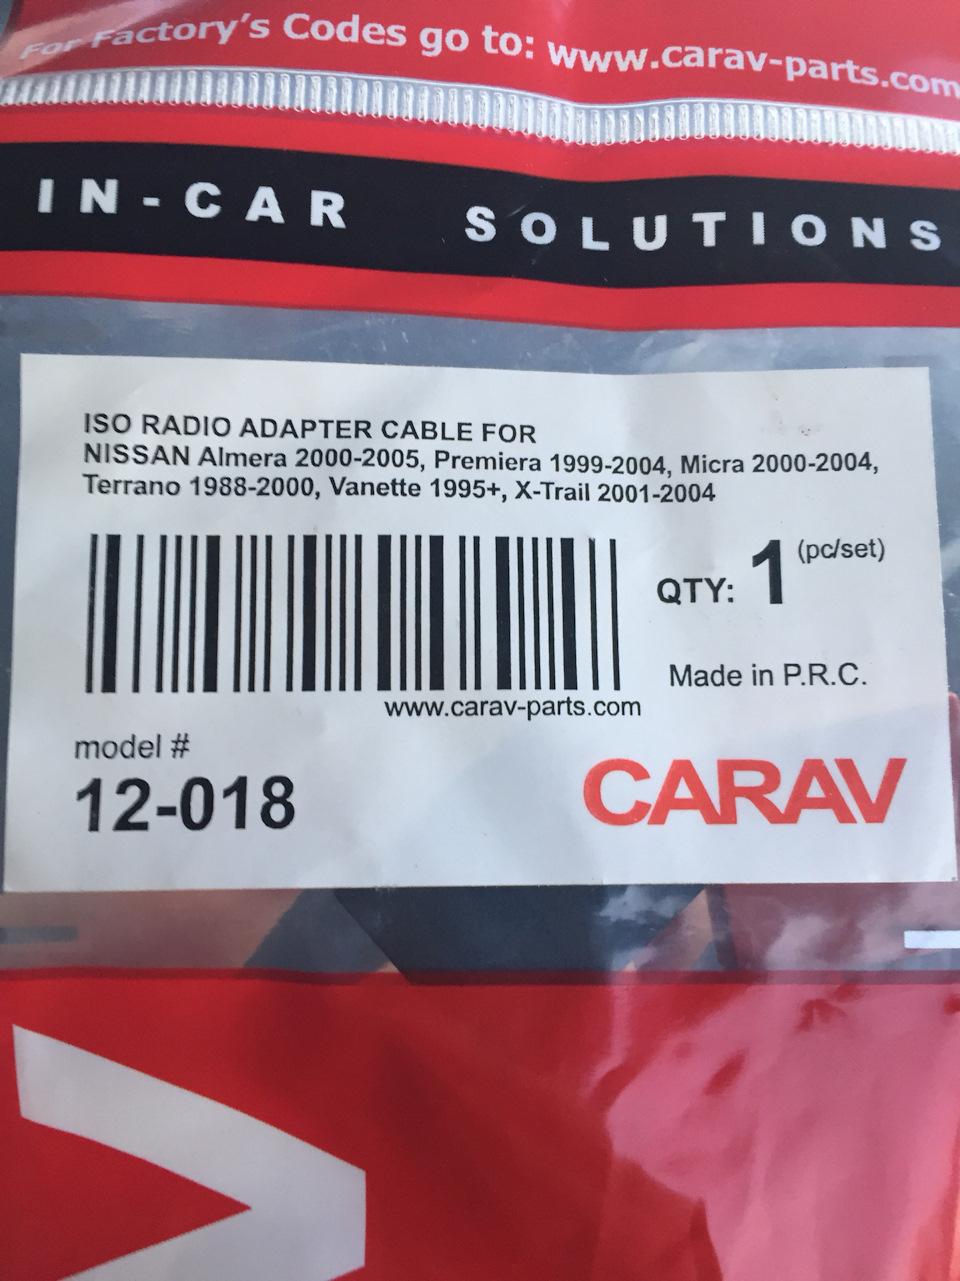 CARAV 12-018 ISO Adapter Cable Radio Adapter for Nissan Almera 2000-2005; Premiera 1999-2004; Micra 2000-2004; Terrano 1988-2000; Vanette 1995+; X-Trail 2001-2004